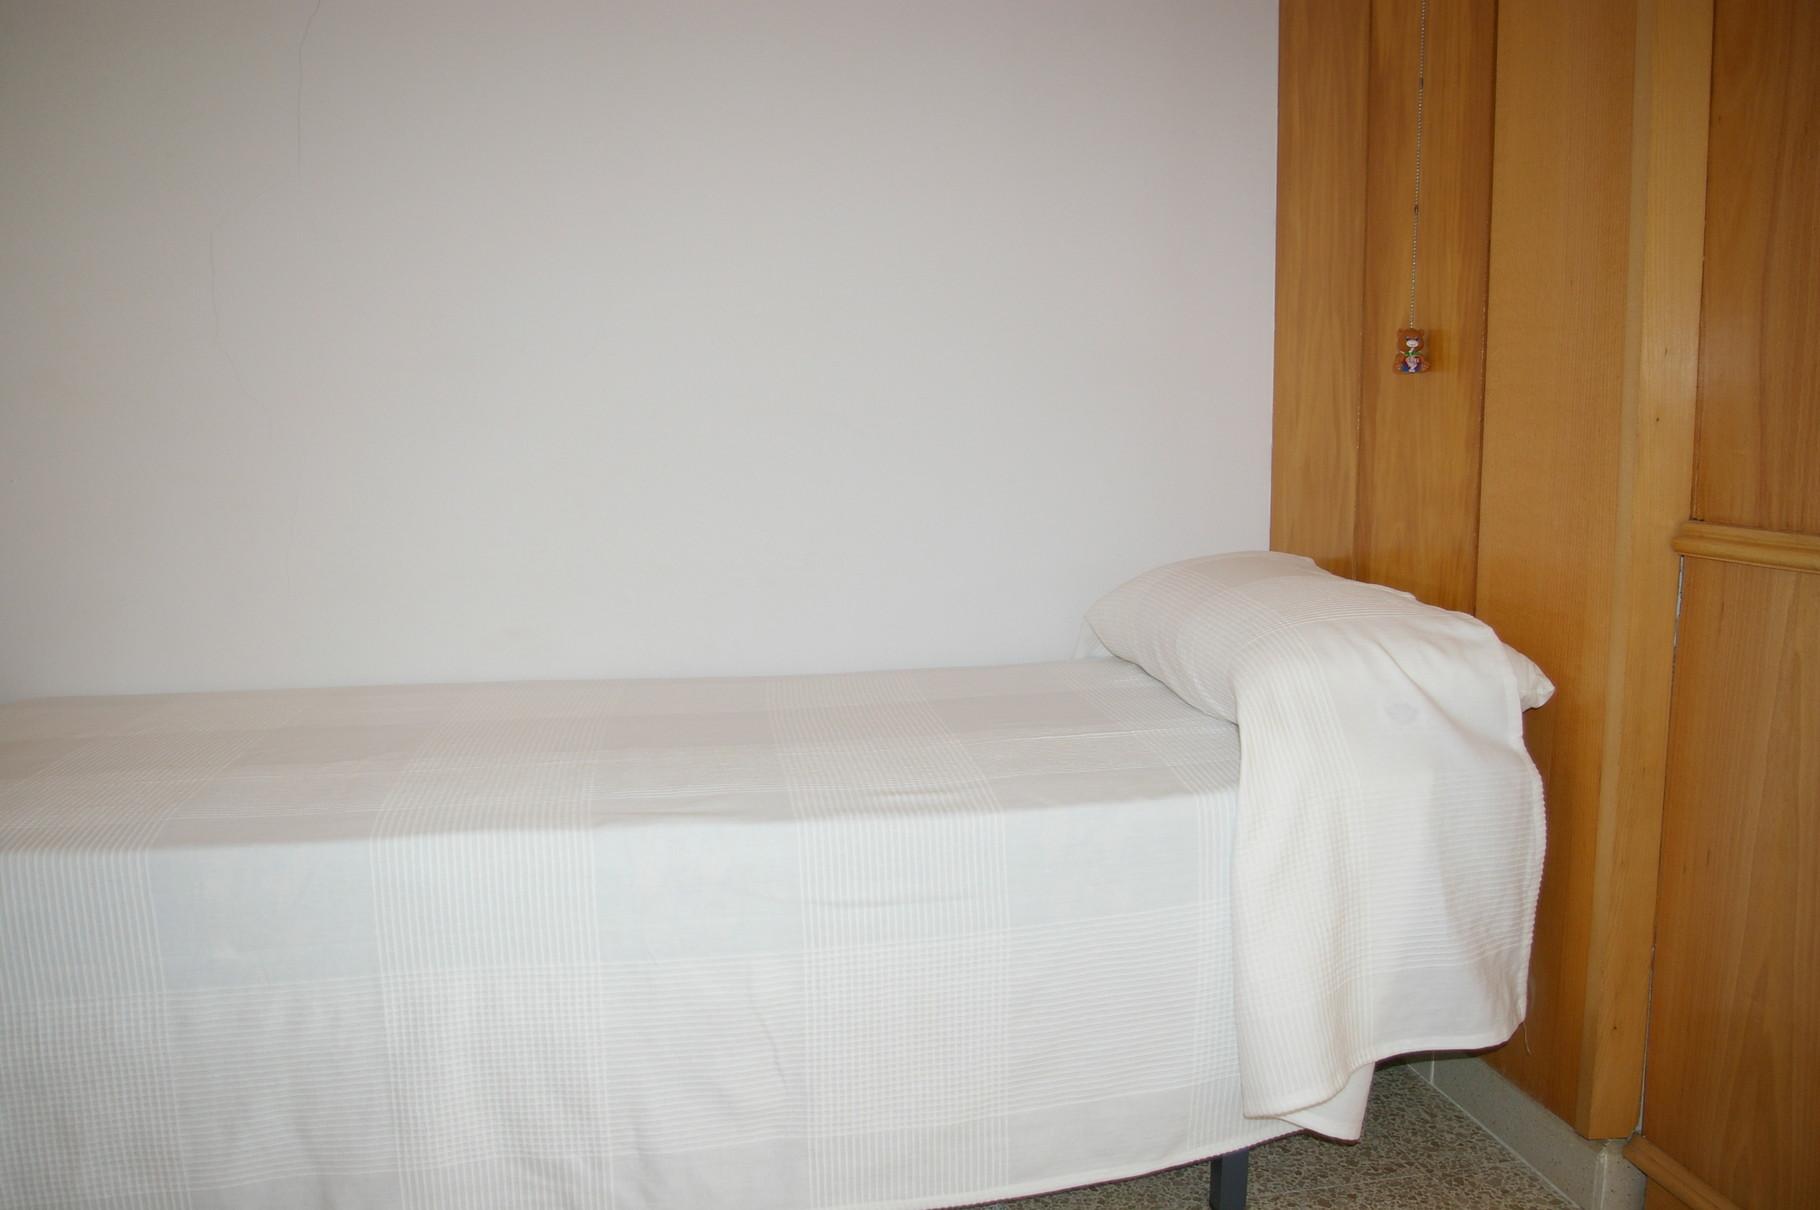 Gran dormitorio con cama de matrimonio y cama individual